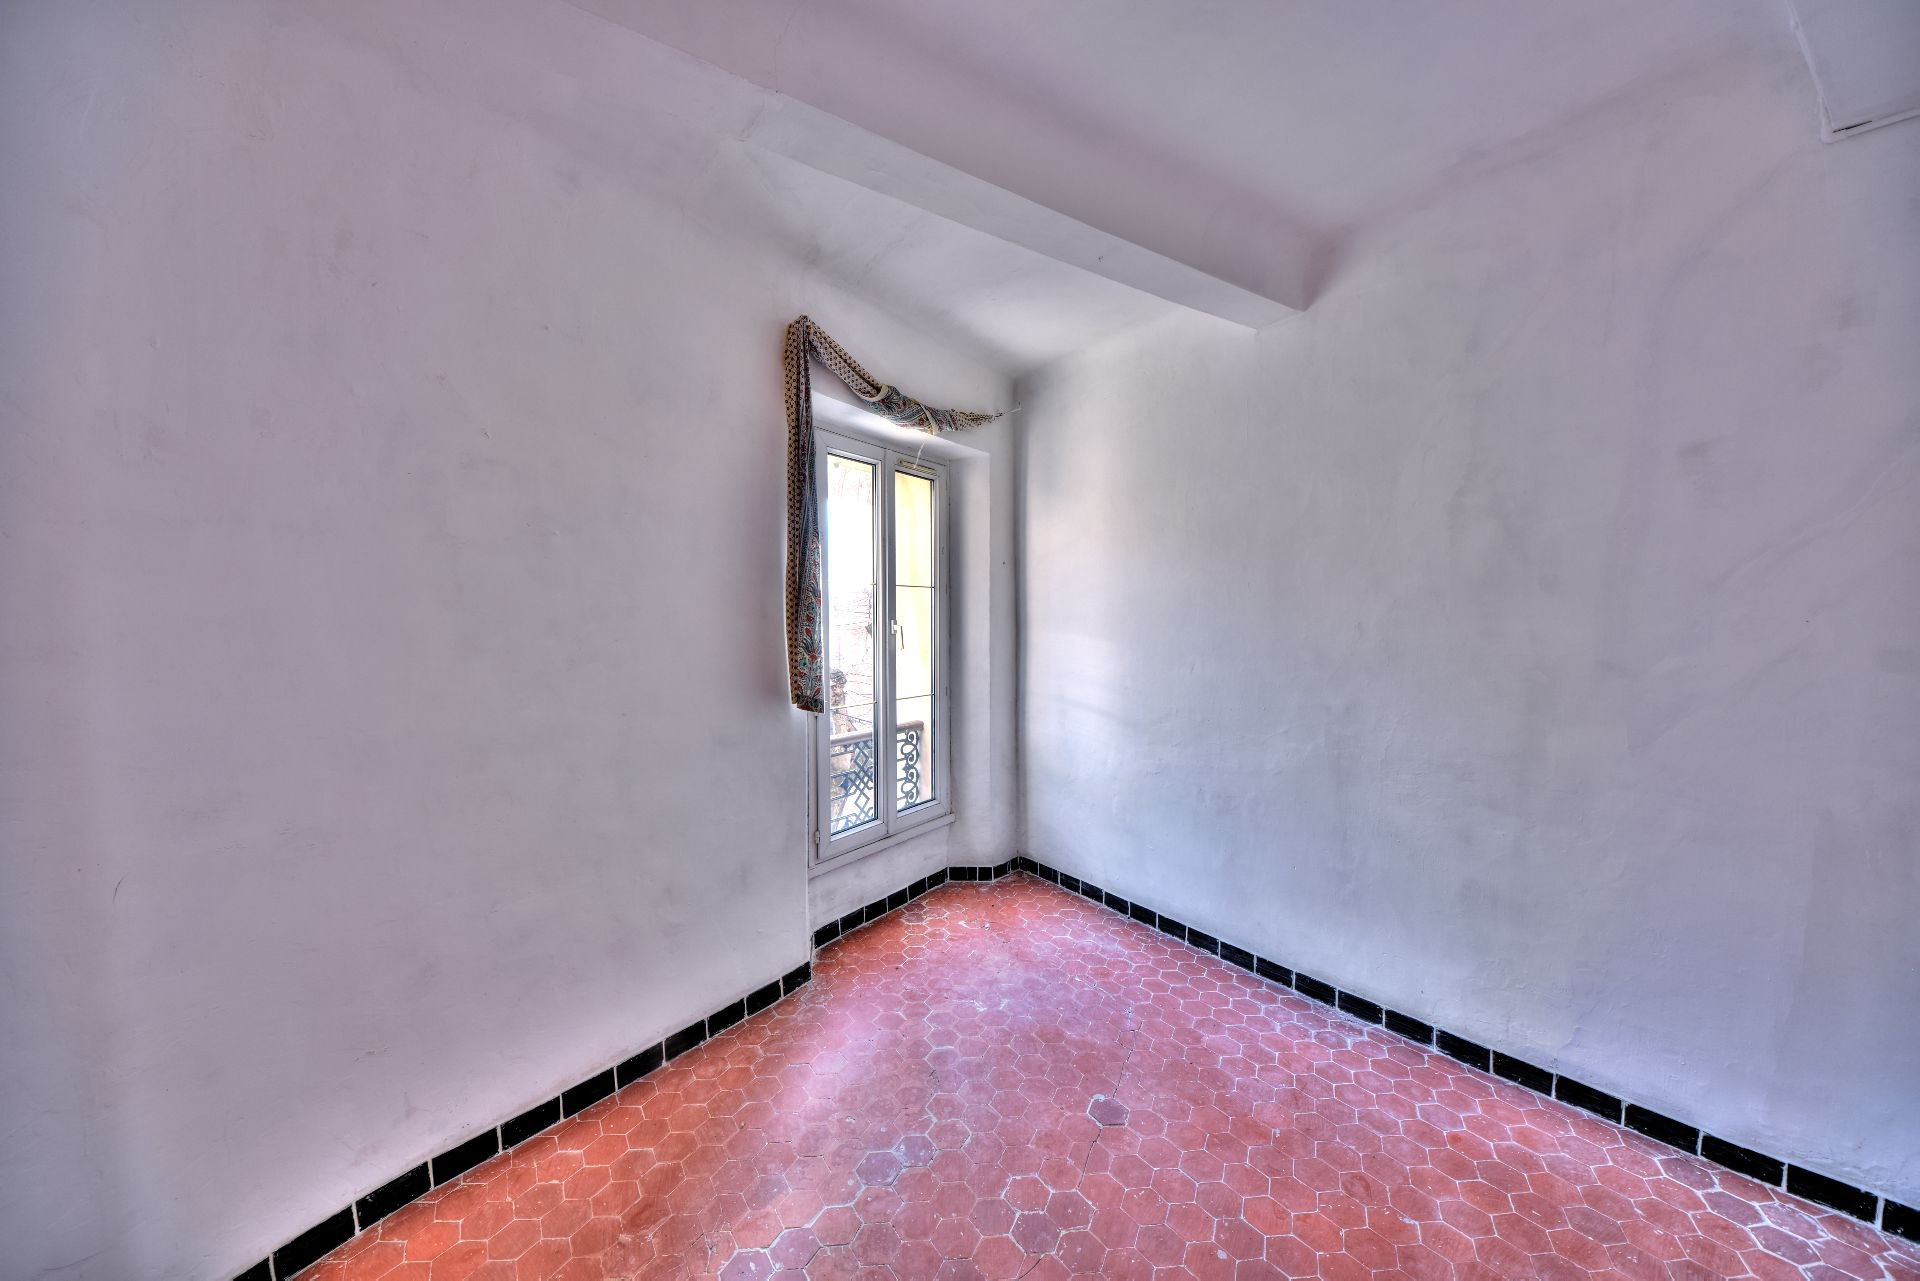 Chambre de l'appartement deux pièces 2ème étage dans Immeuble de trois appartements + un studio à rénover, Aups, Var, Provence